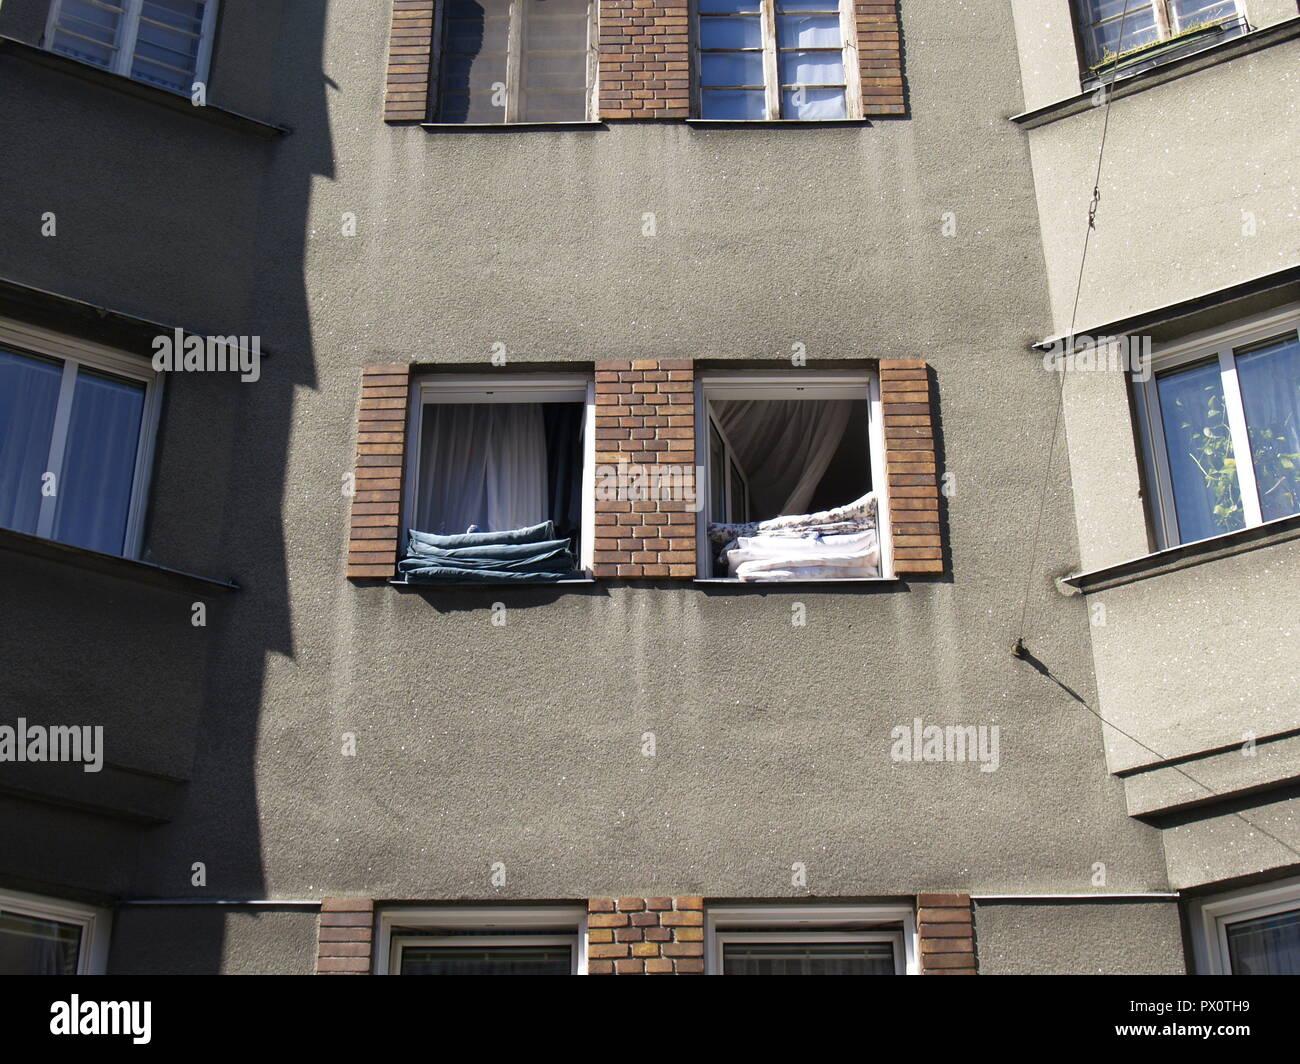 Wien, Gemeindebau des 'Roten Wien' - Vienna, Council Tenement Block, 'Red Vienna' Stock Photo